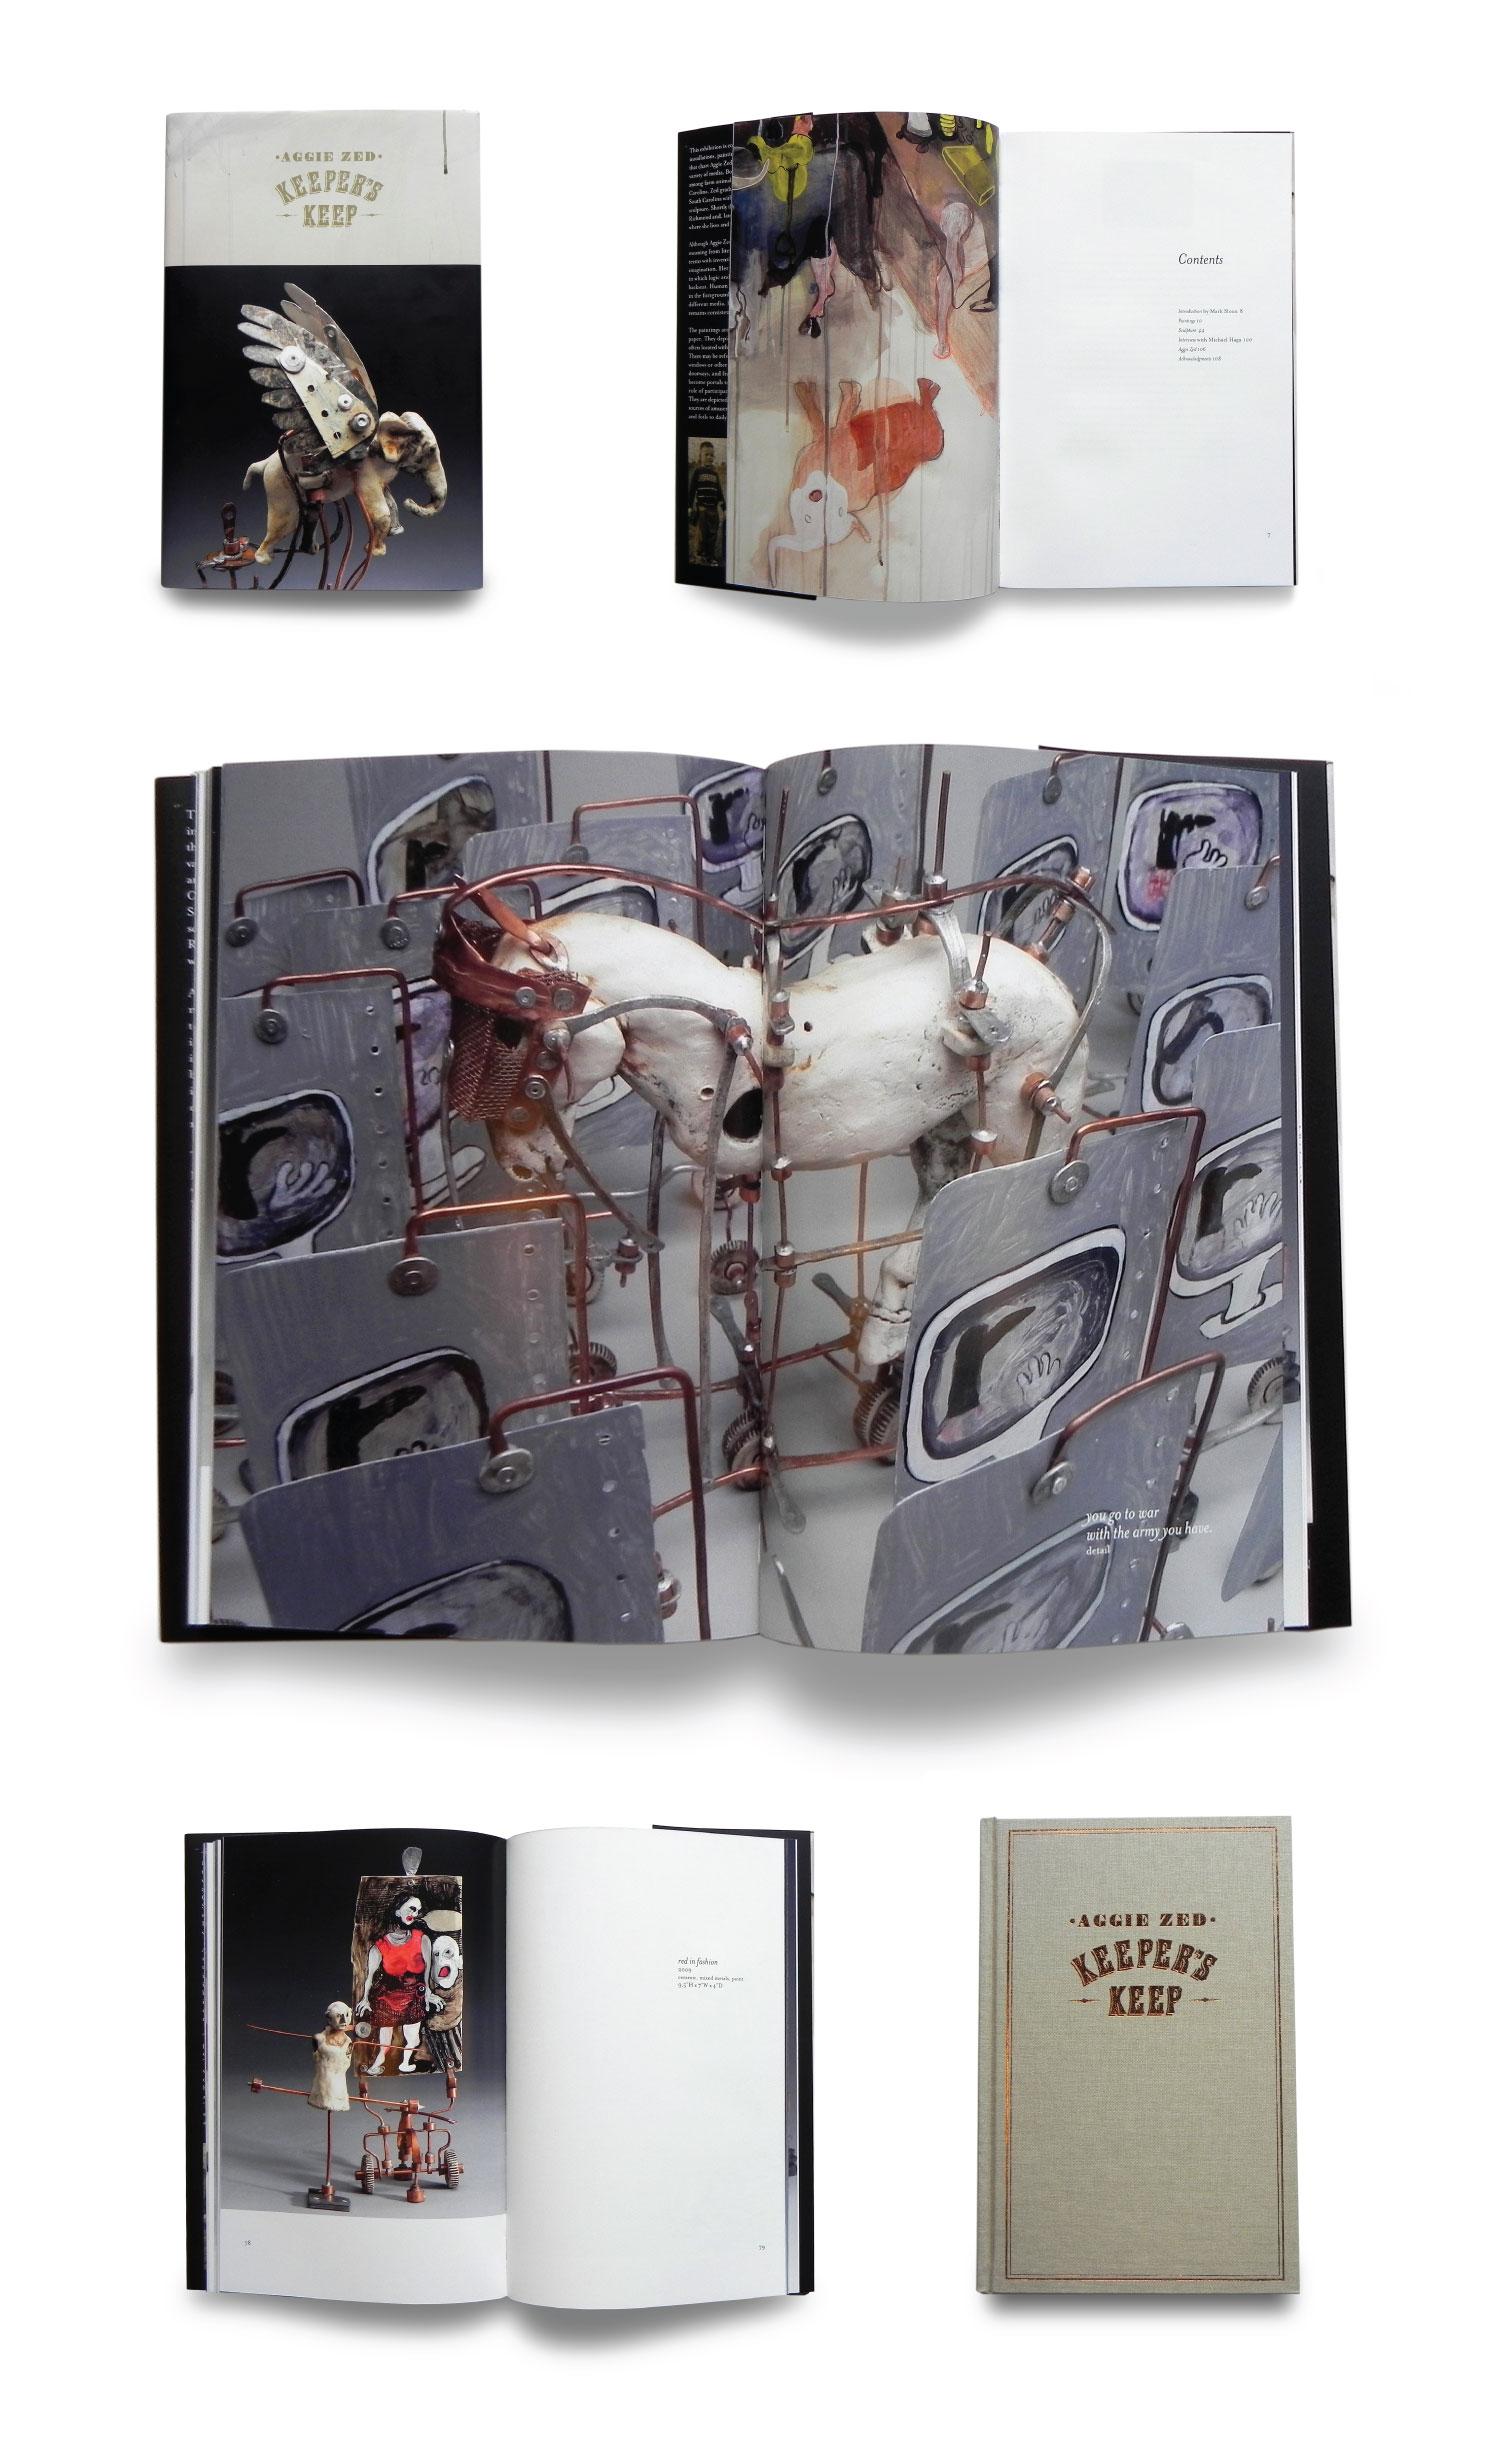 aggie zed - keeper's keep art book